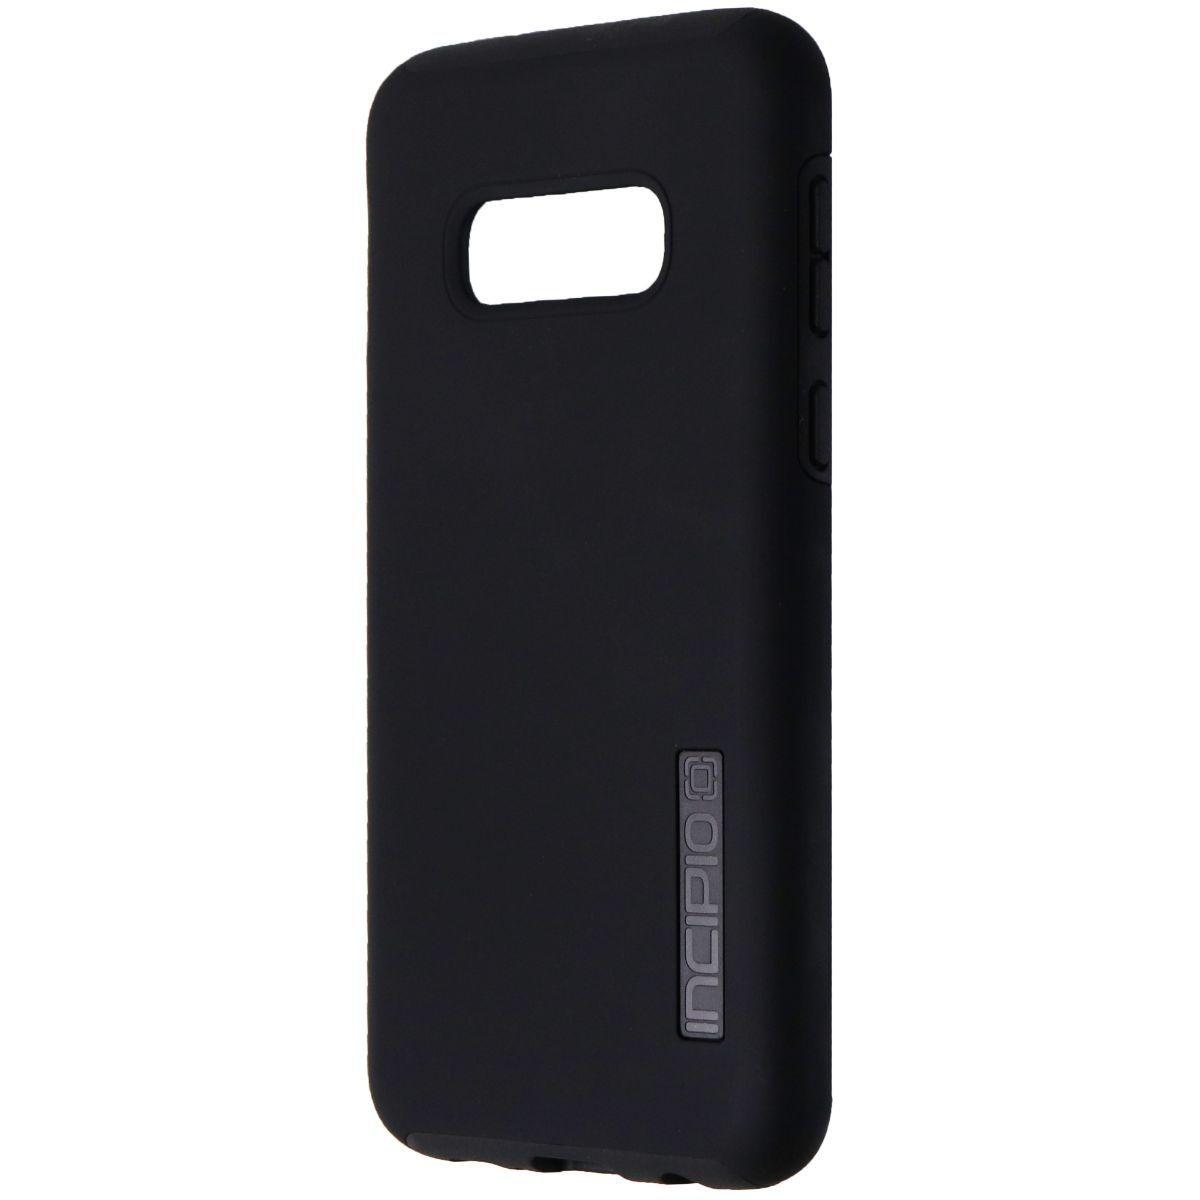 Incipio DualPro Series Dual Layer Case for Samsung Galaxy S10e - Matte Black